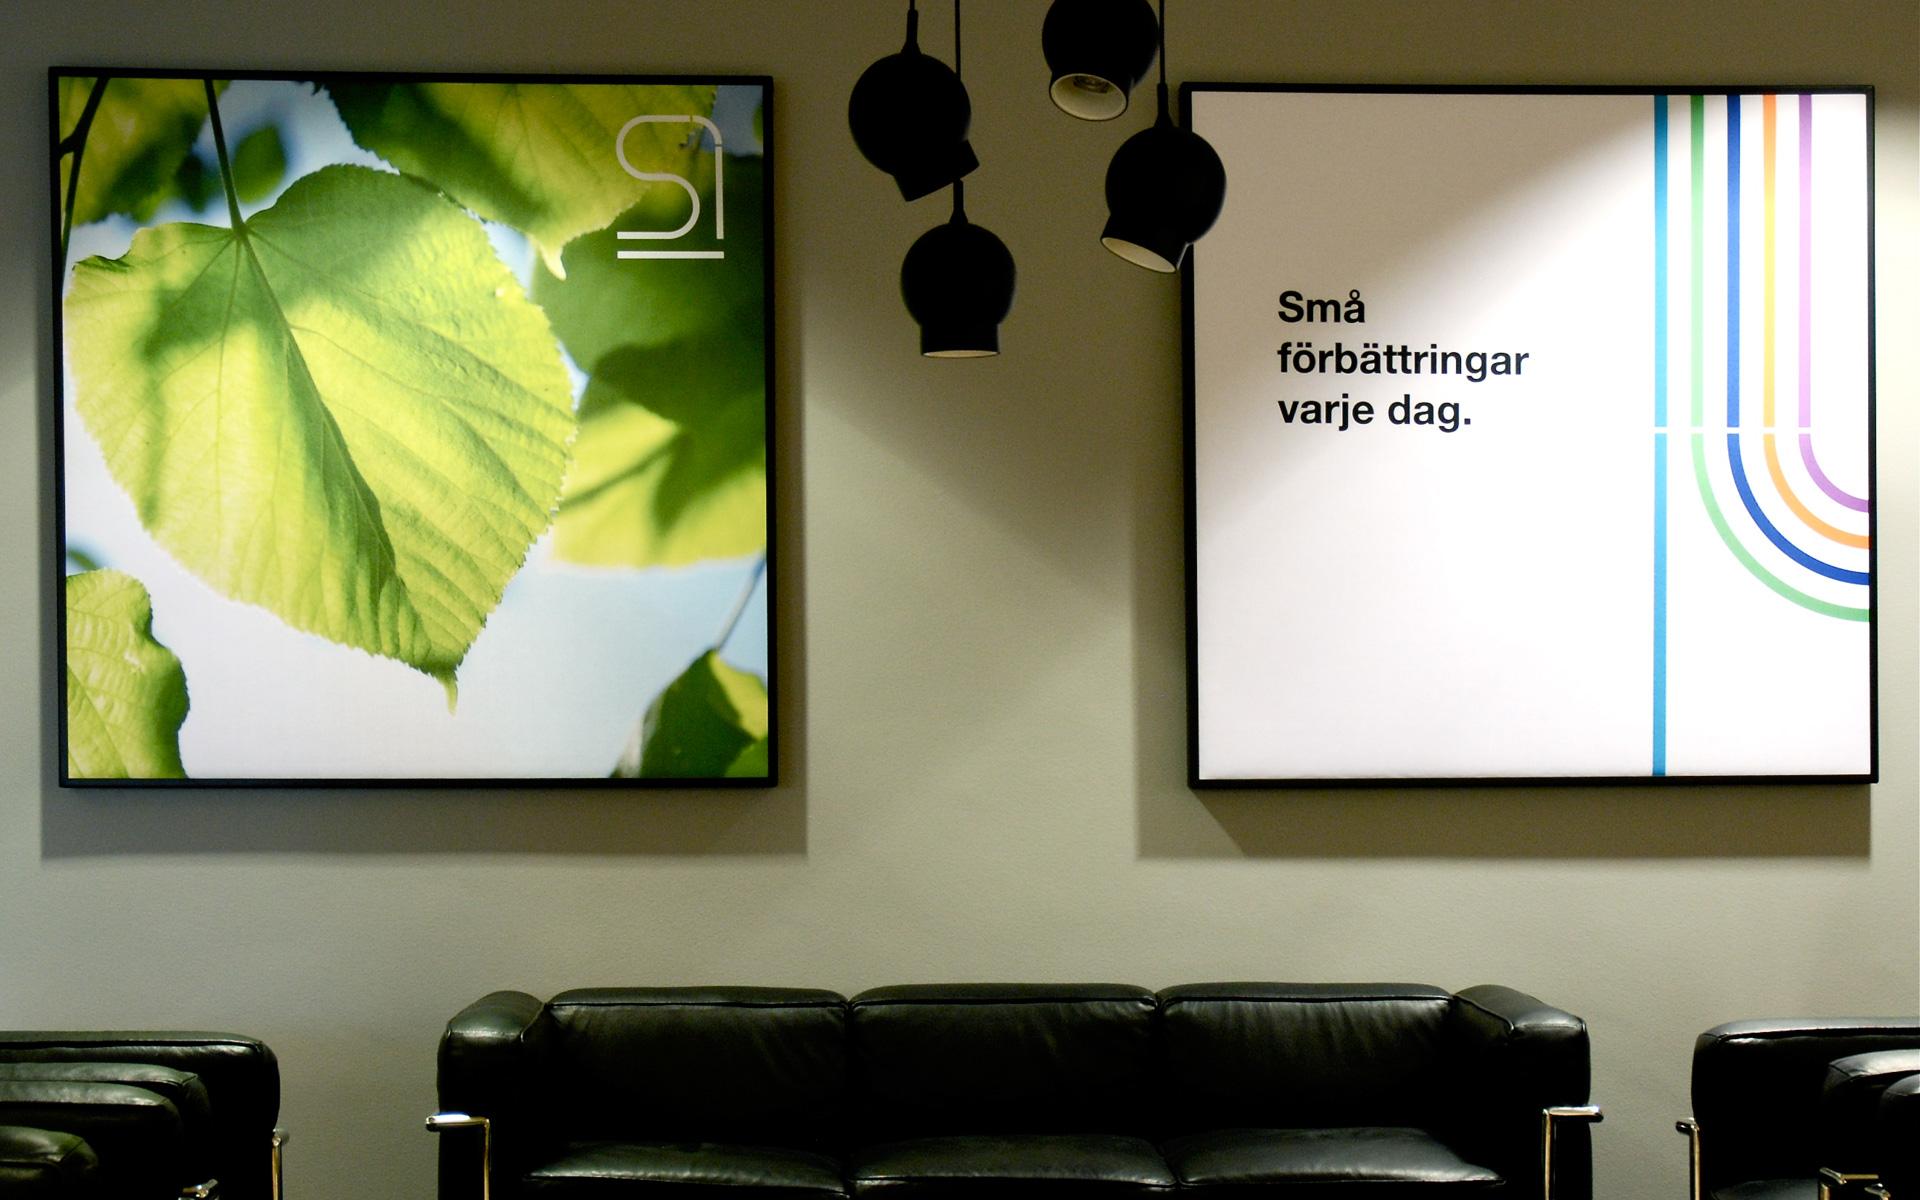 Inredare Isela, inredningskonsult i Halland, Varberg, Halmstad, Falkenberg, Båstad